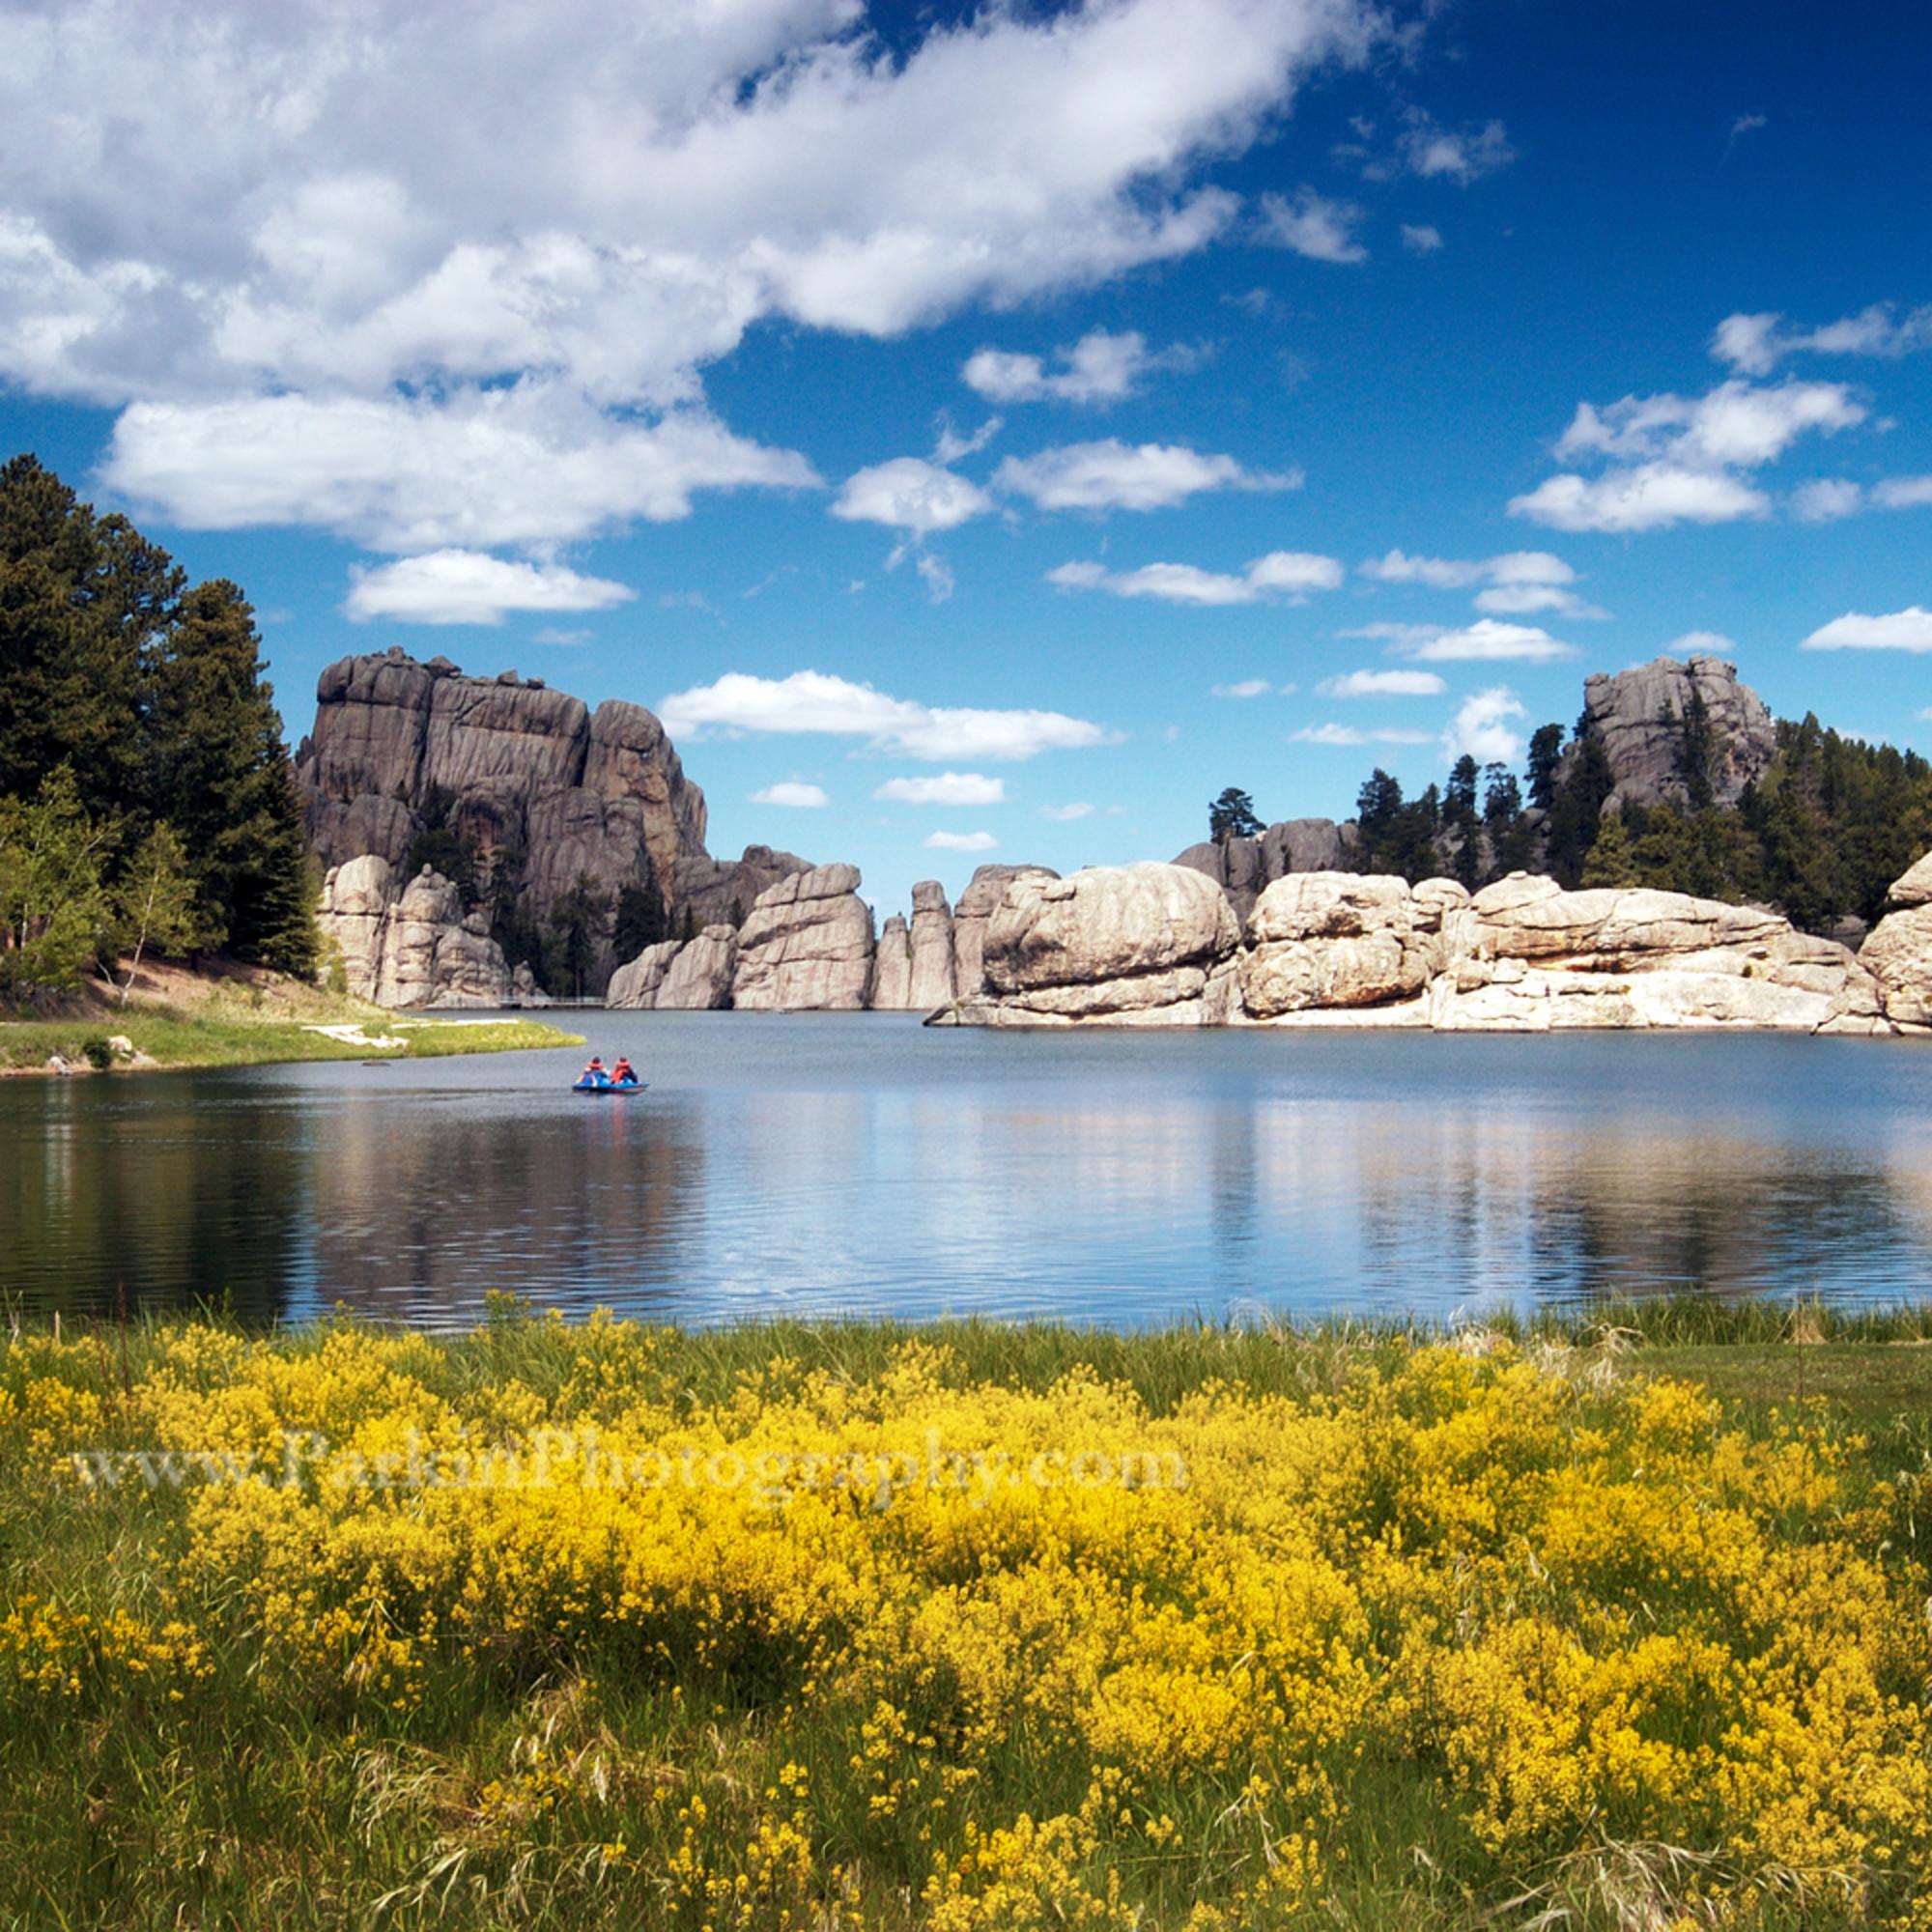 Sylvan lake 04 asf cm5czu